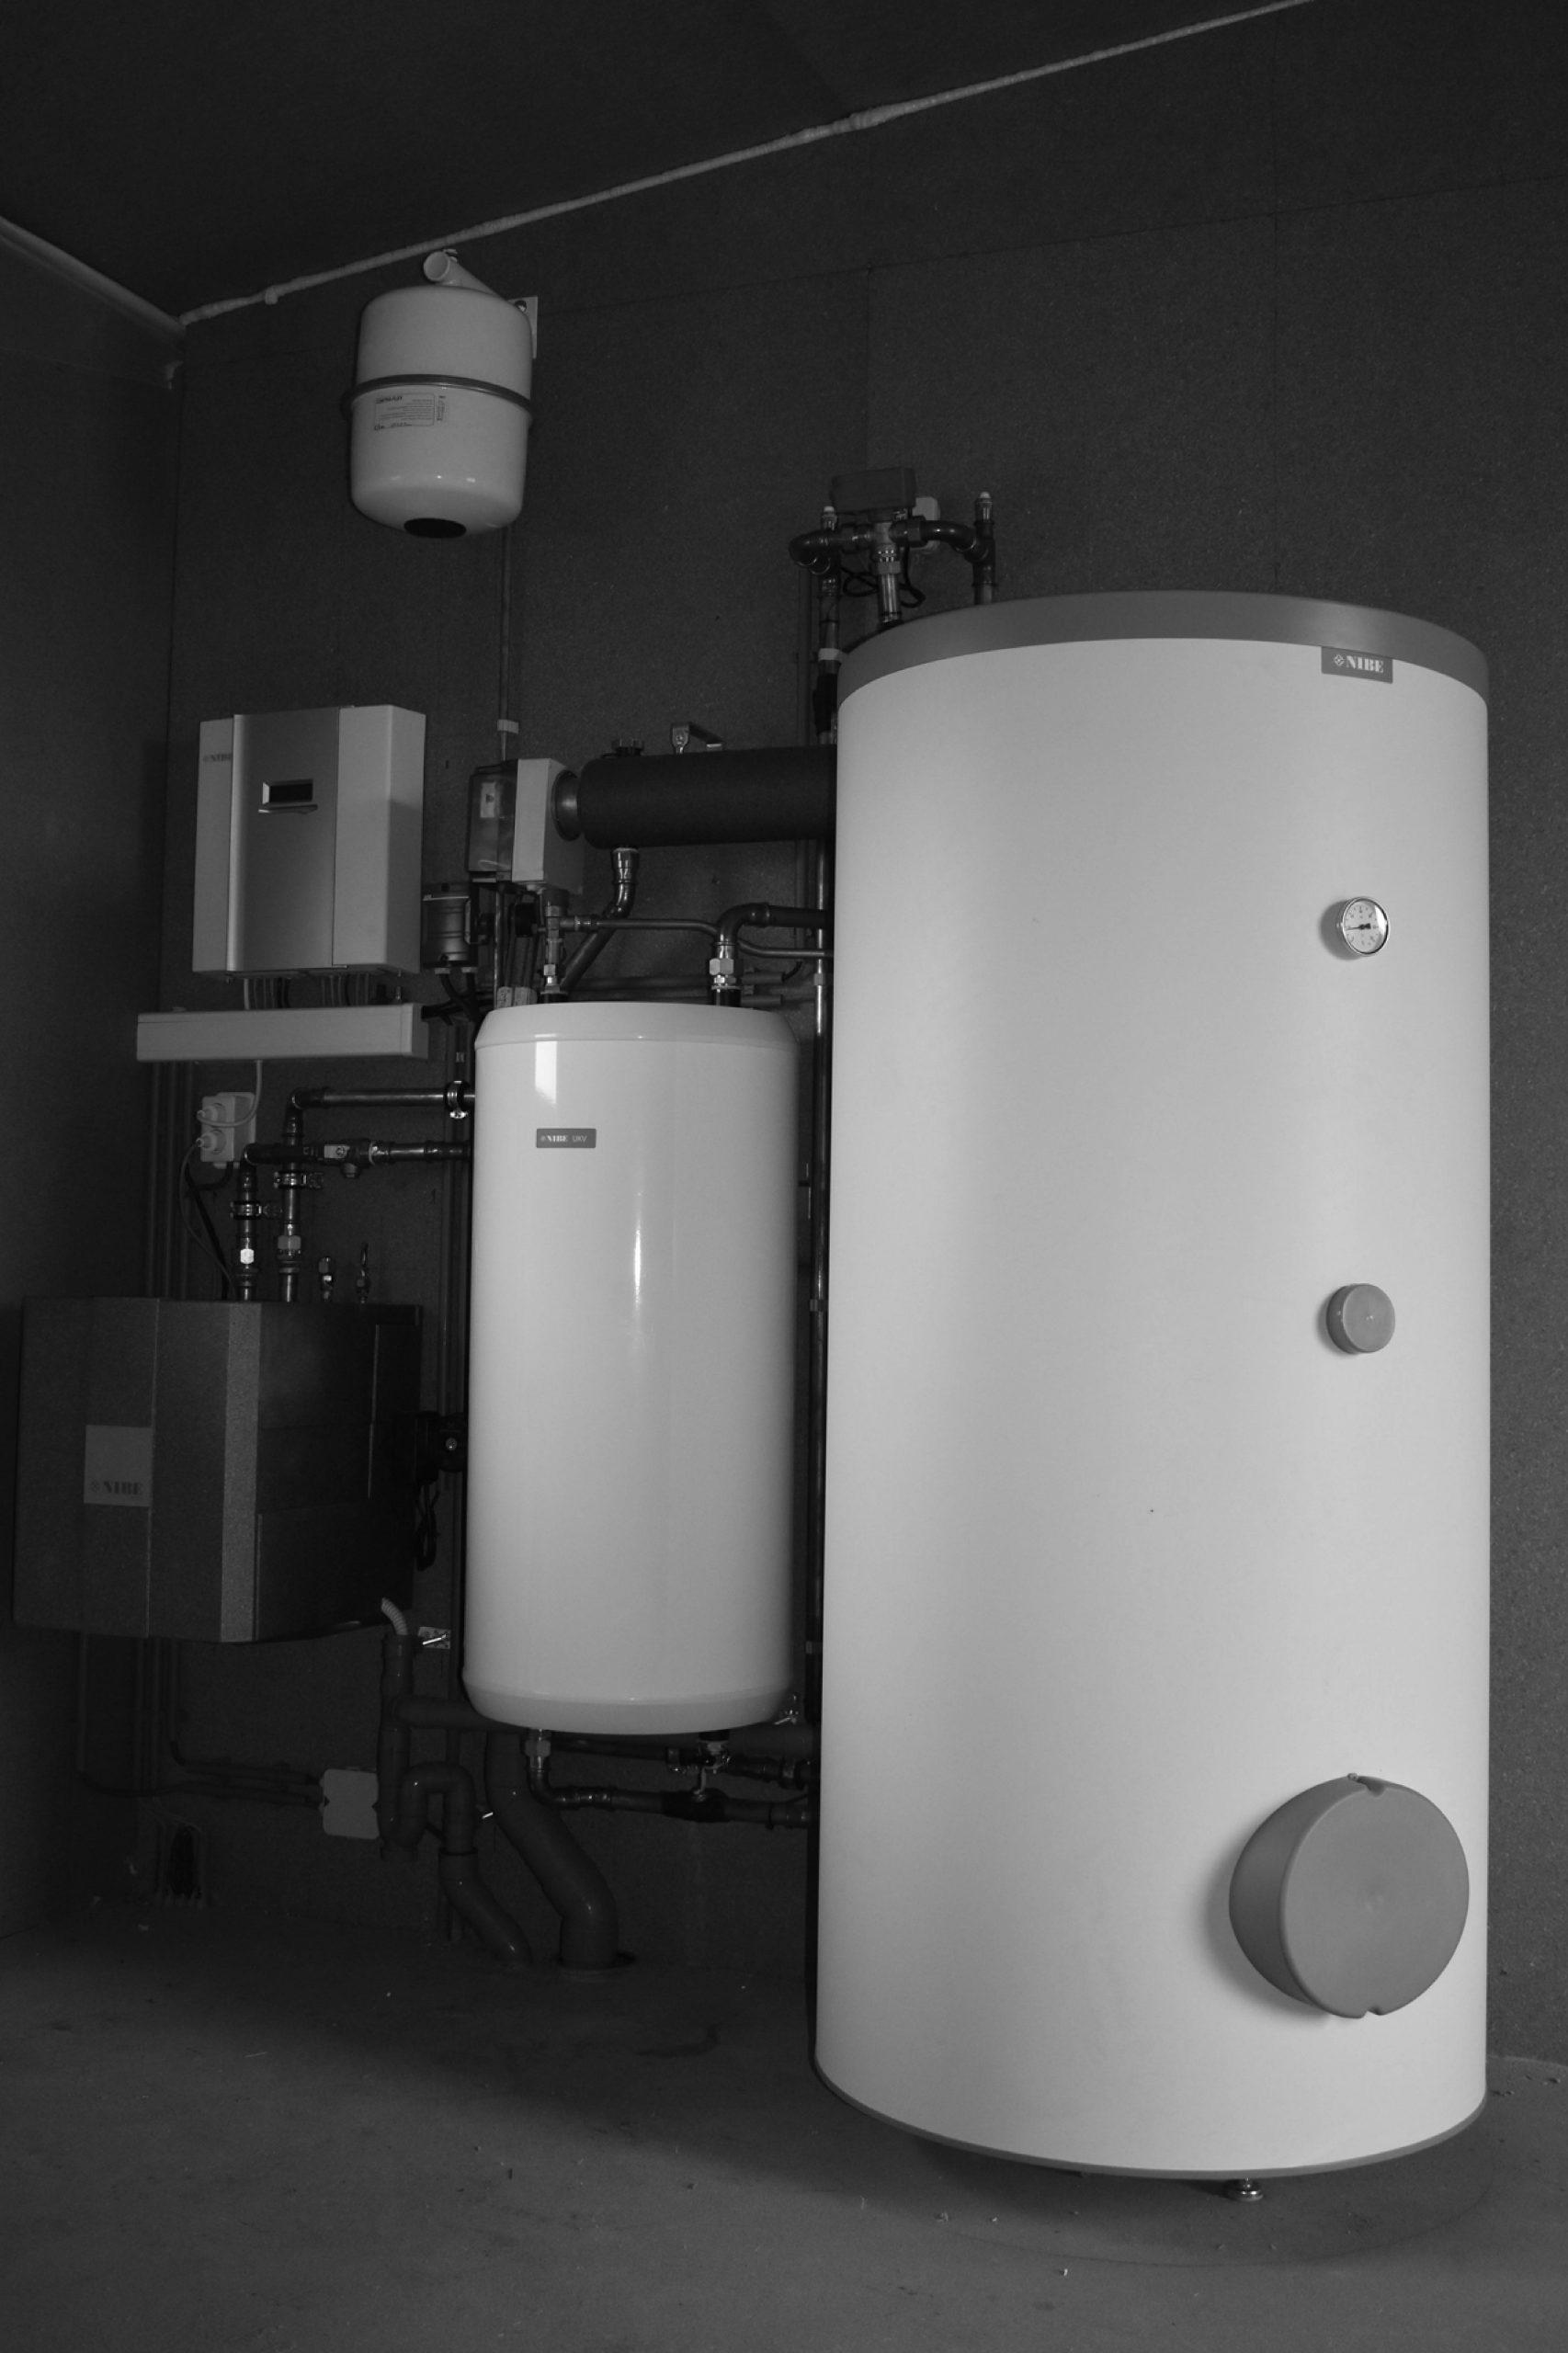 Duurzaam bouwen - Zonneboiler